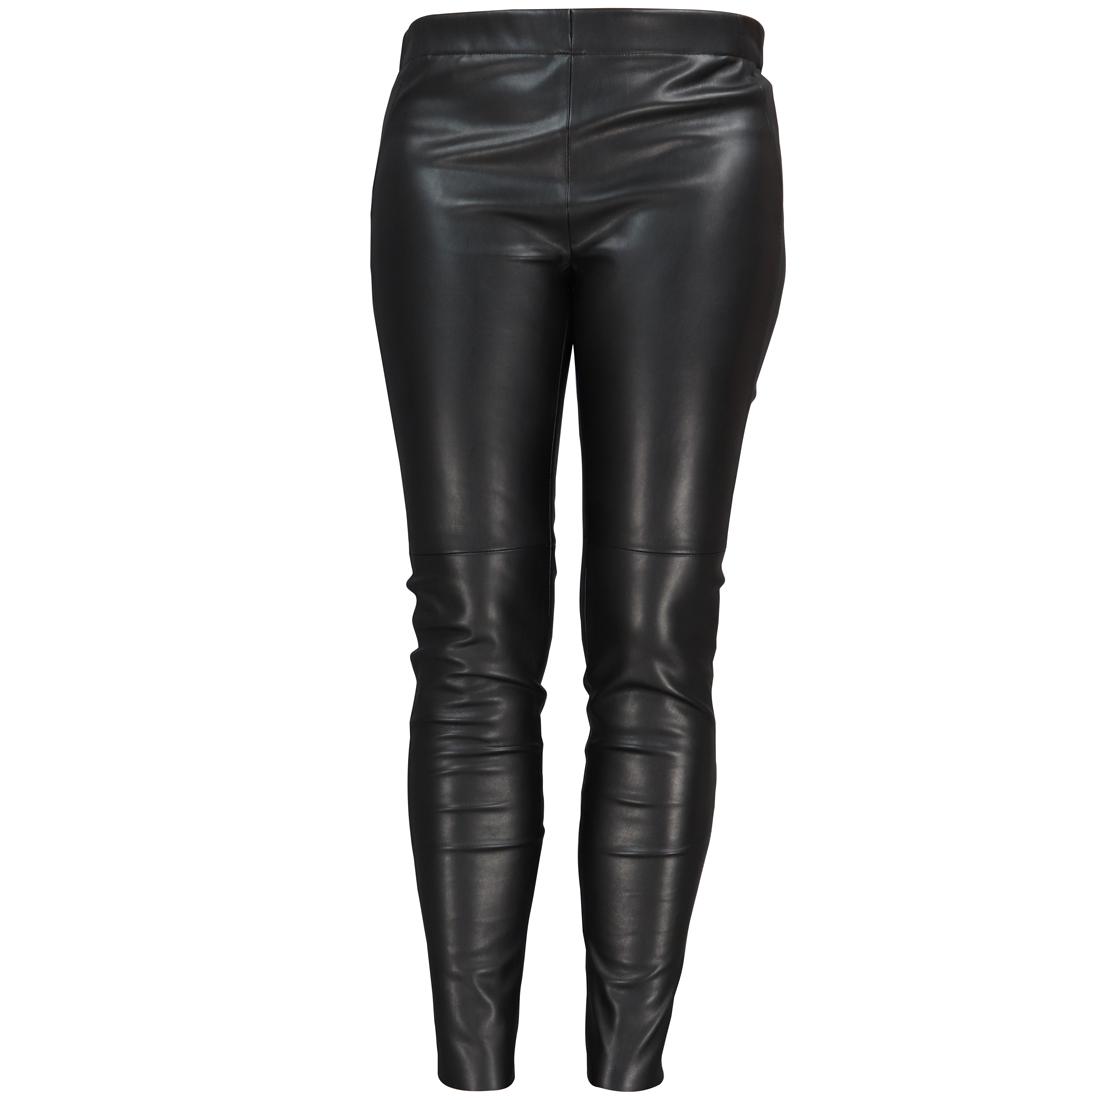 Image of Zerres broeken 7403-650-leggy in het Zwart